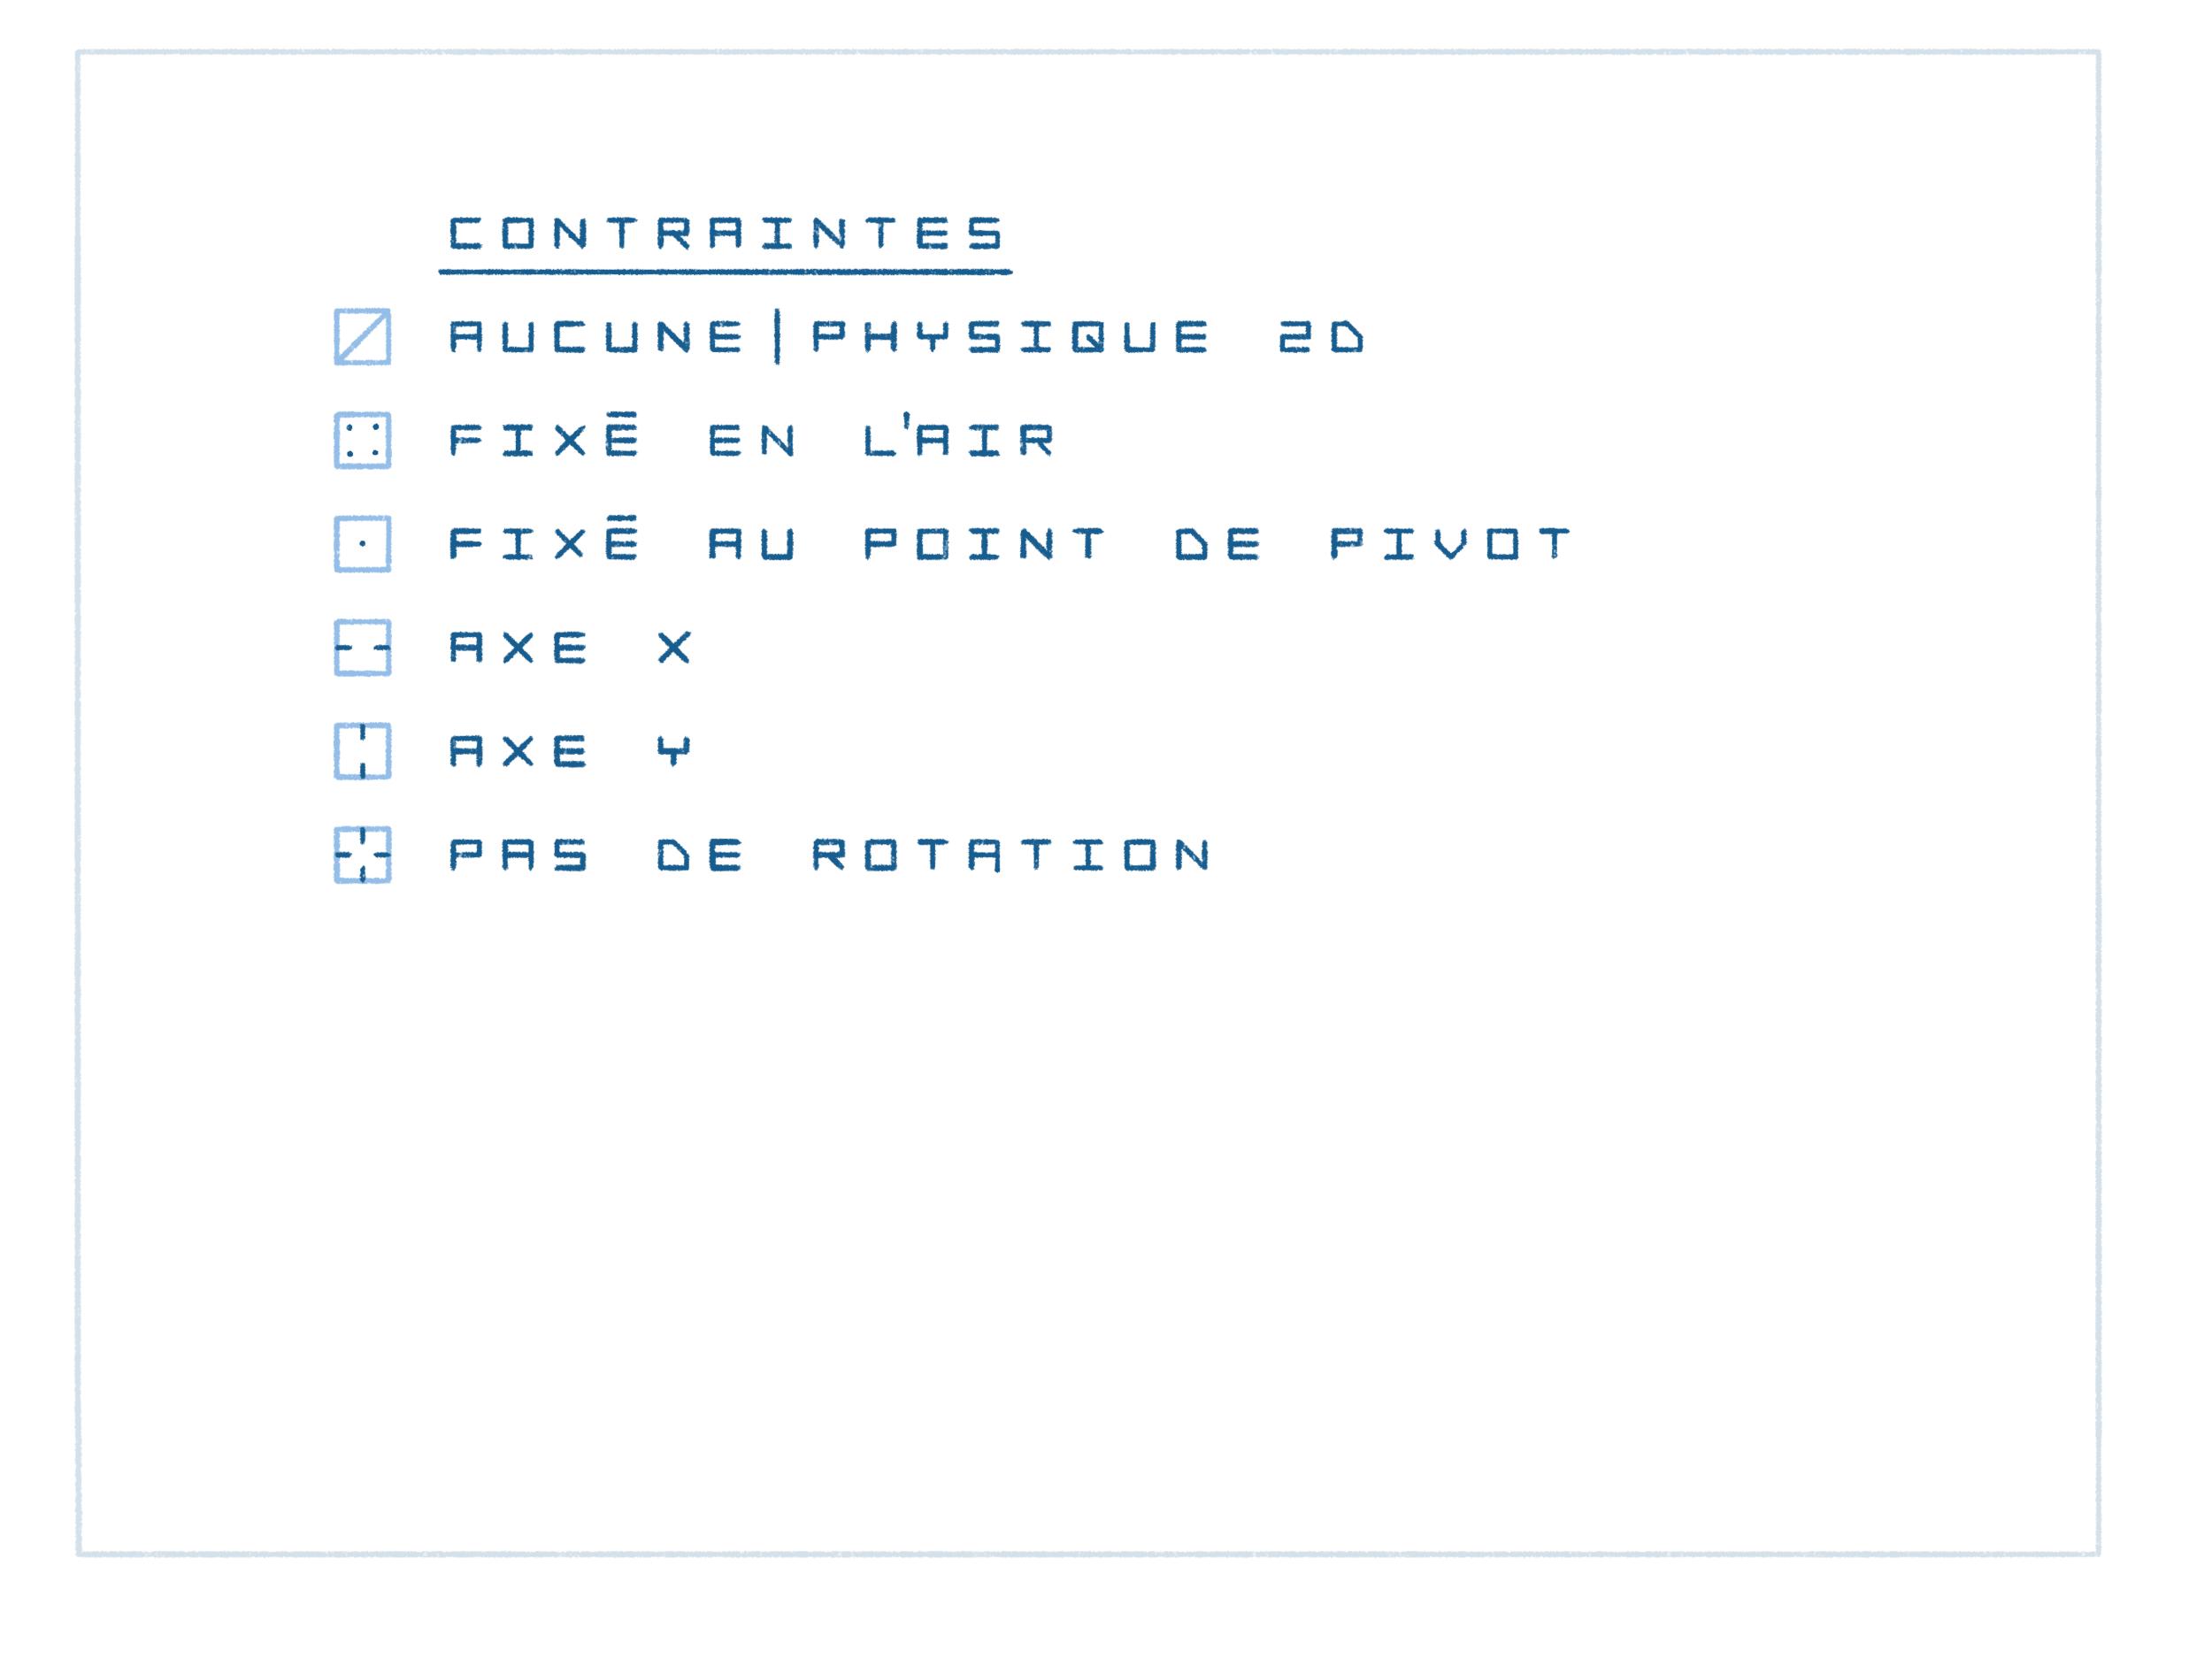 Logique_lexique_contraintes.PNG